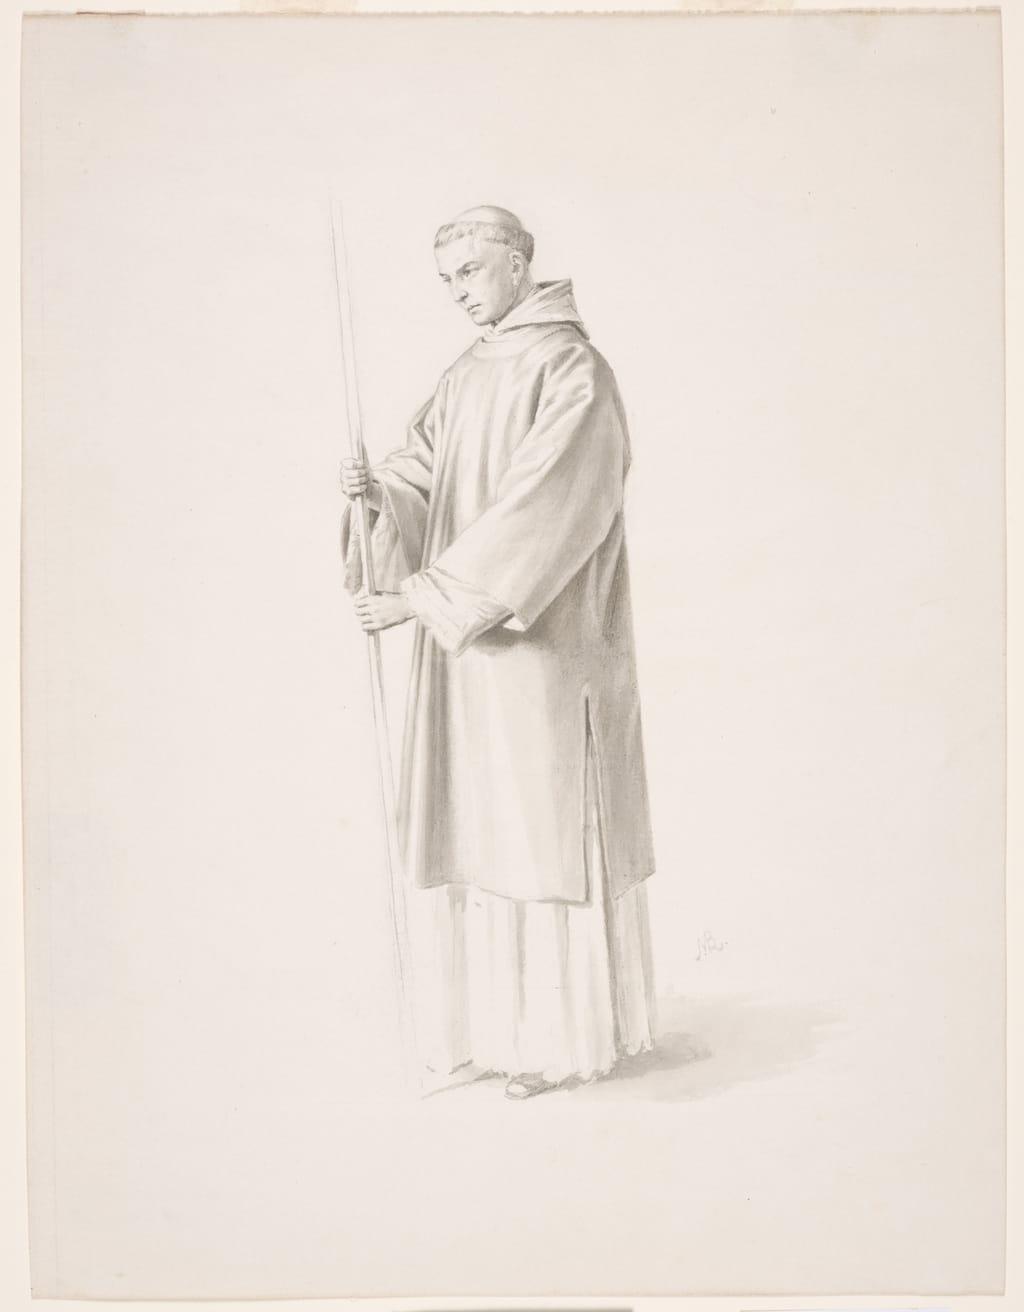 Dominicain tenant un baton. Étude pour « Saint Hyacinthe fuit Kiev devant l'invasion des barbares » de la cathédrale de Saint-Hyacinthe